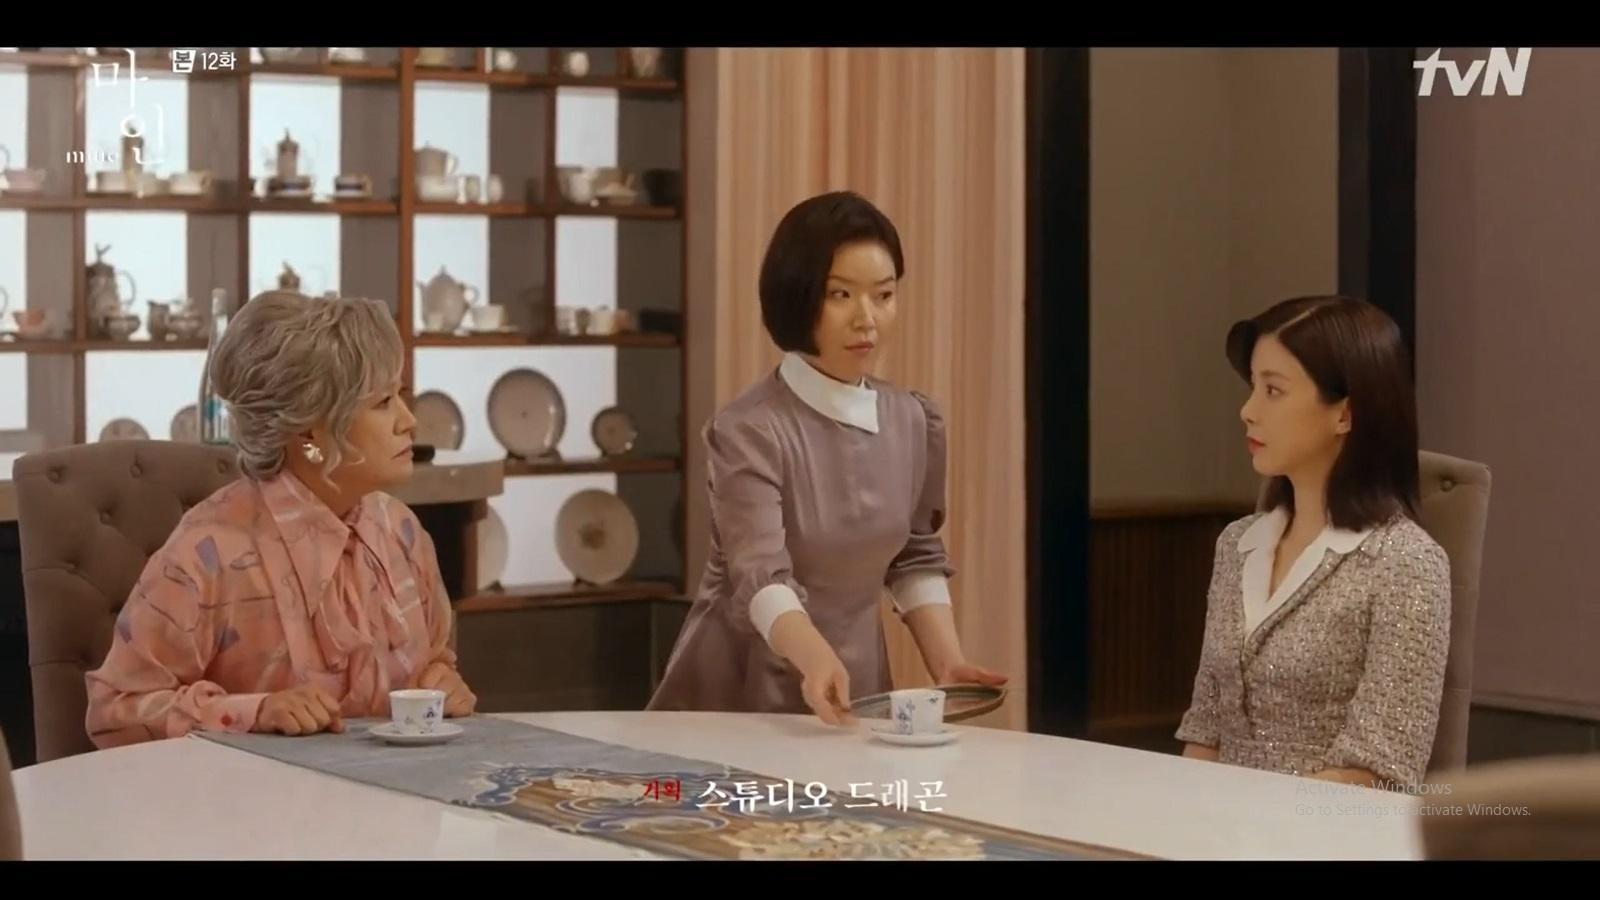 Seo Hi Soo mengabarkan keguguran dan rencana perceraiannya pada ibu mertua, Yang Soon Hye.